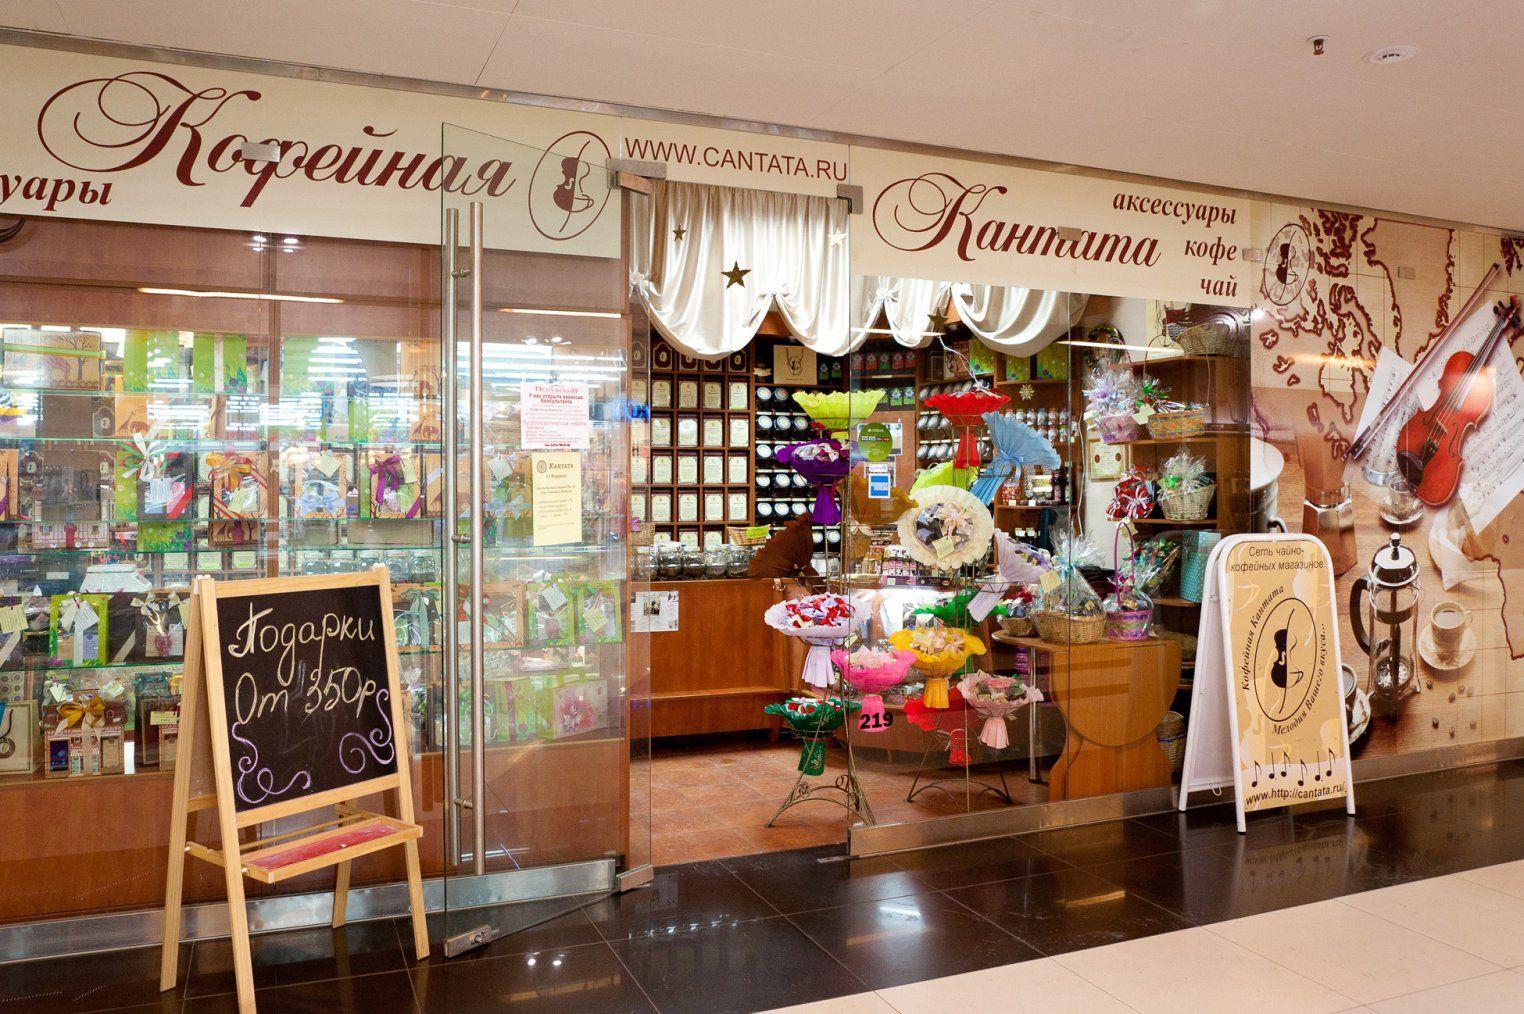 Кофейная кантата в ТРК Петровский